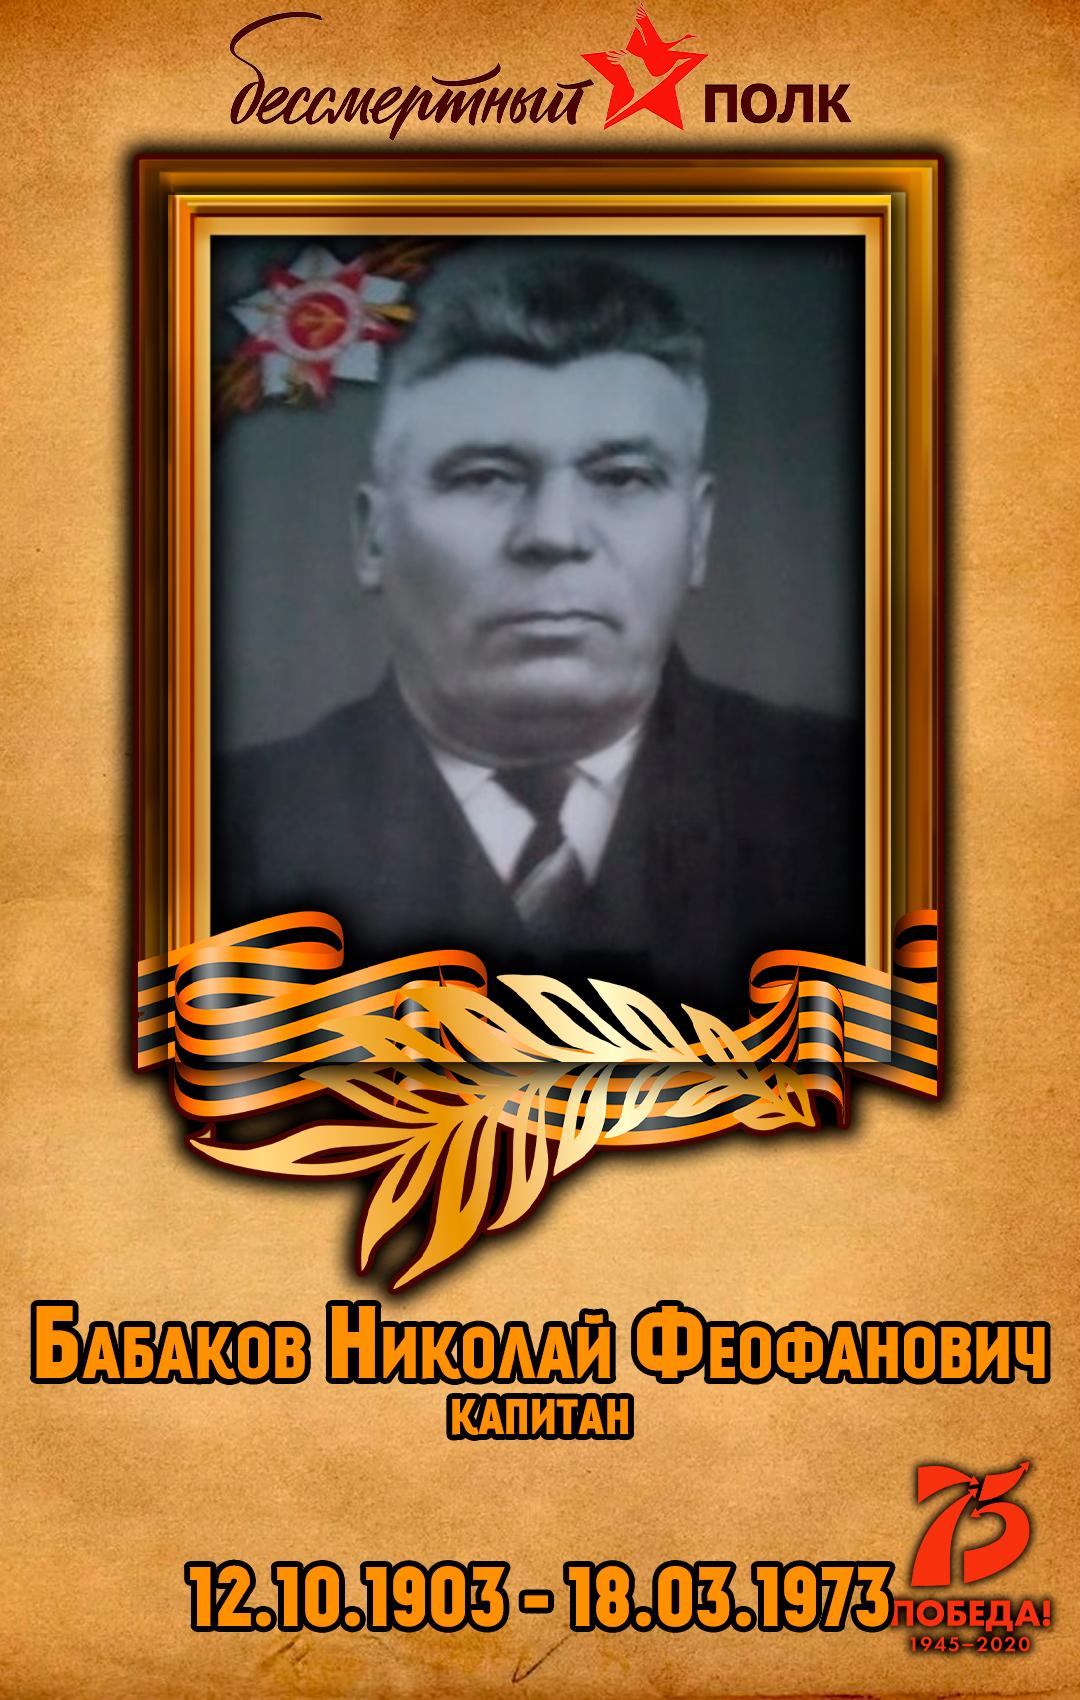 Бабаков-Николай-Феофанович